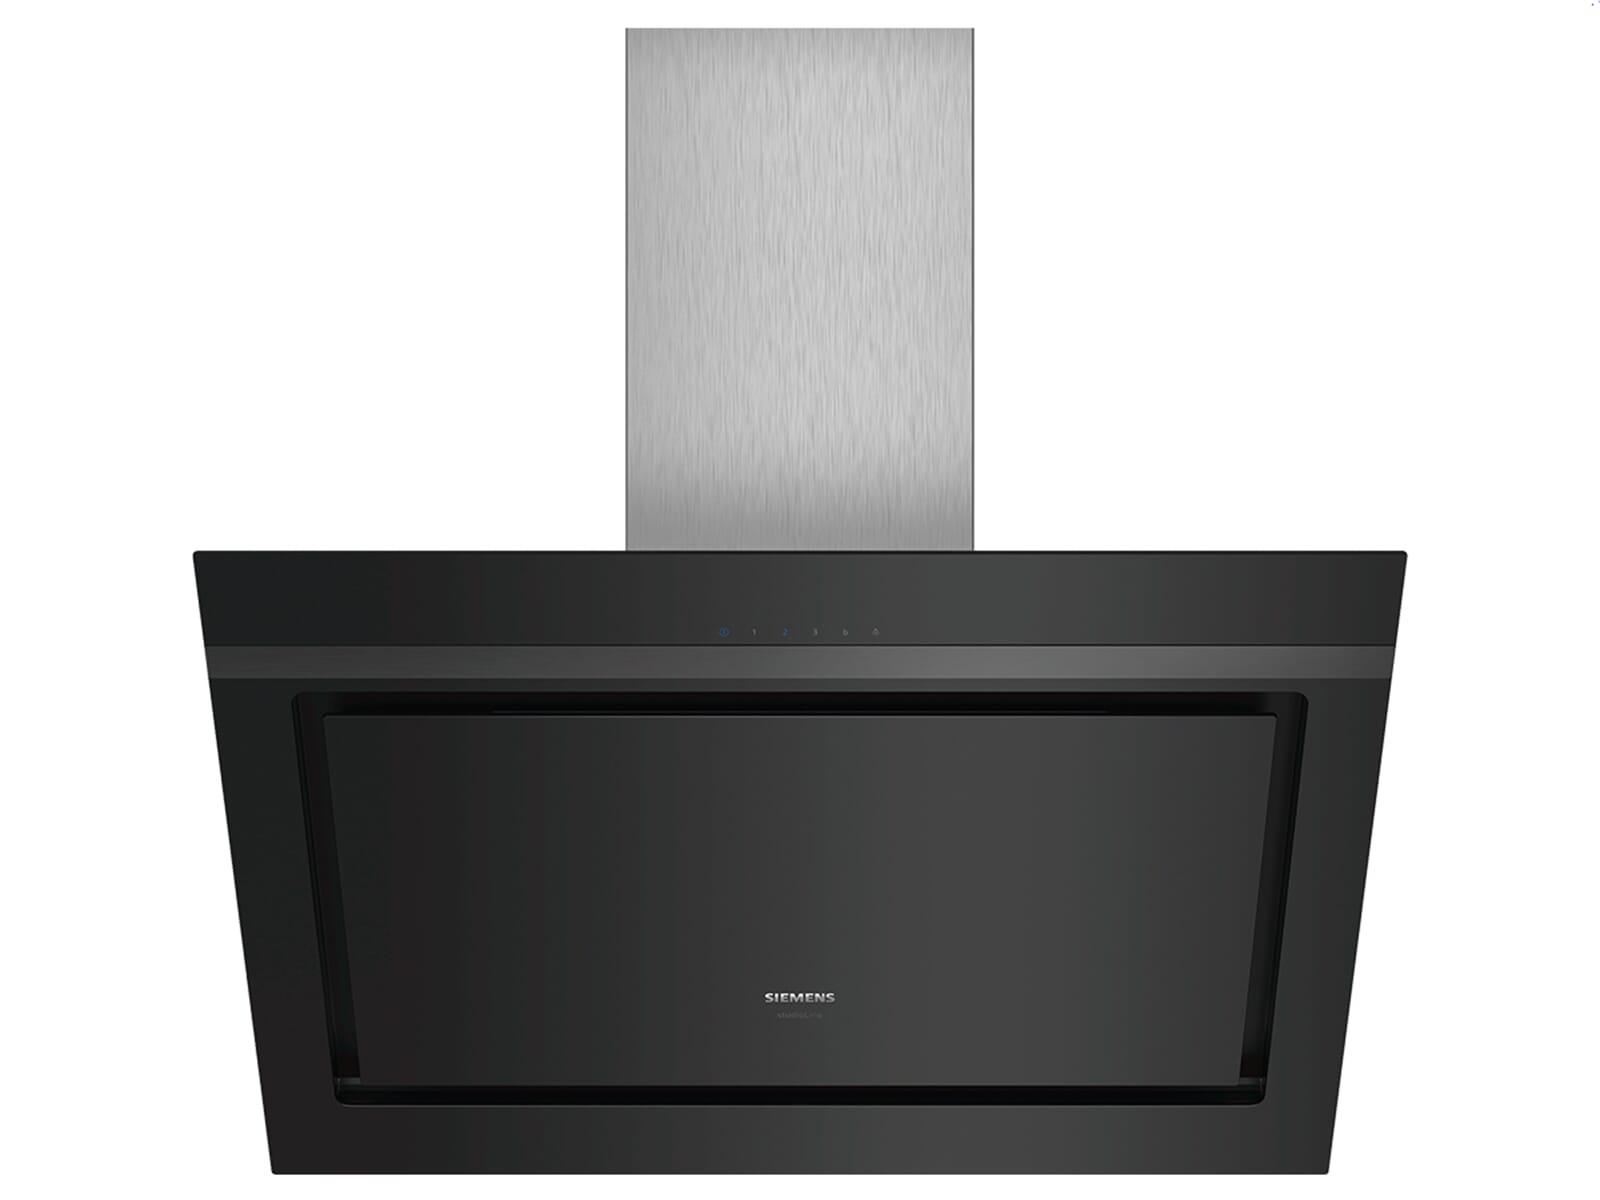 Siemens Kühlschrank Schwarz : Siemens studioline lc87kim60s kopffreihaube schwarz